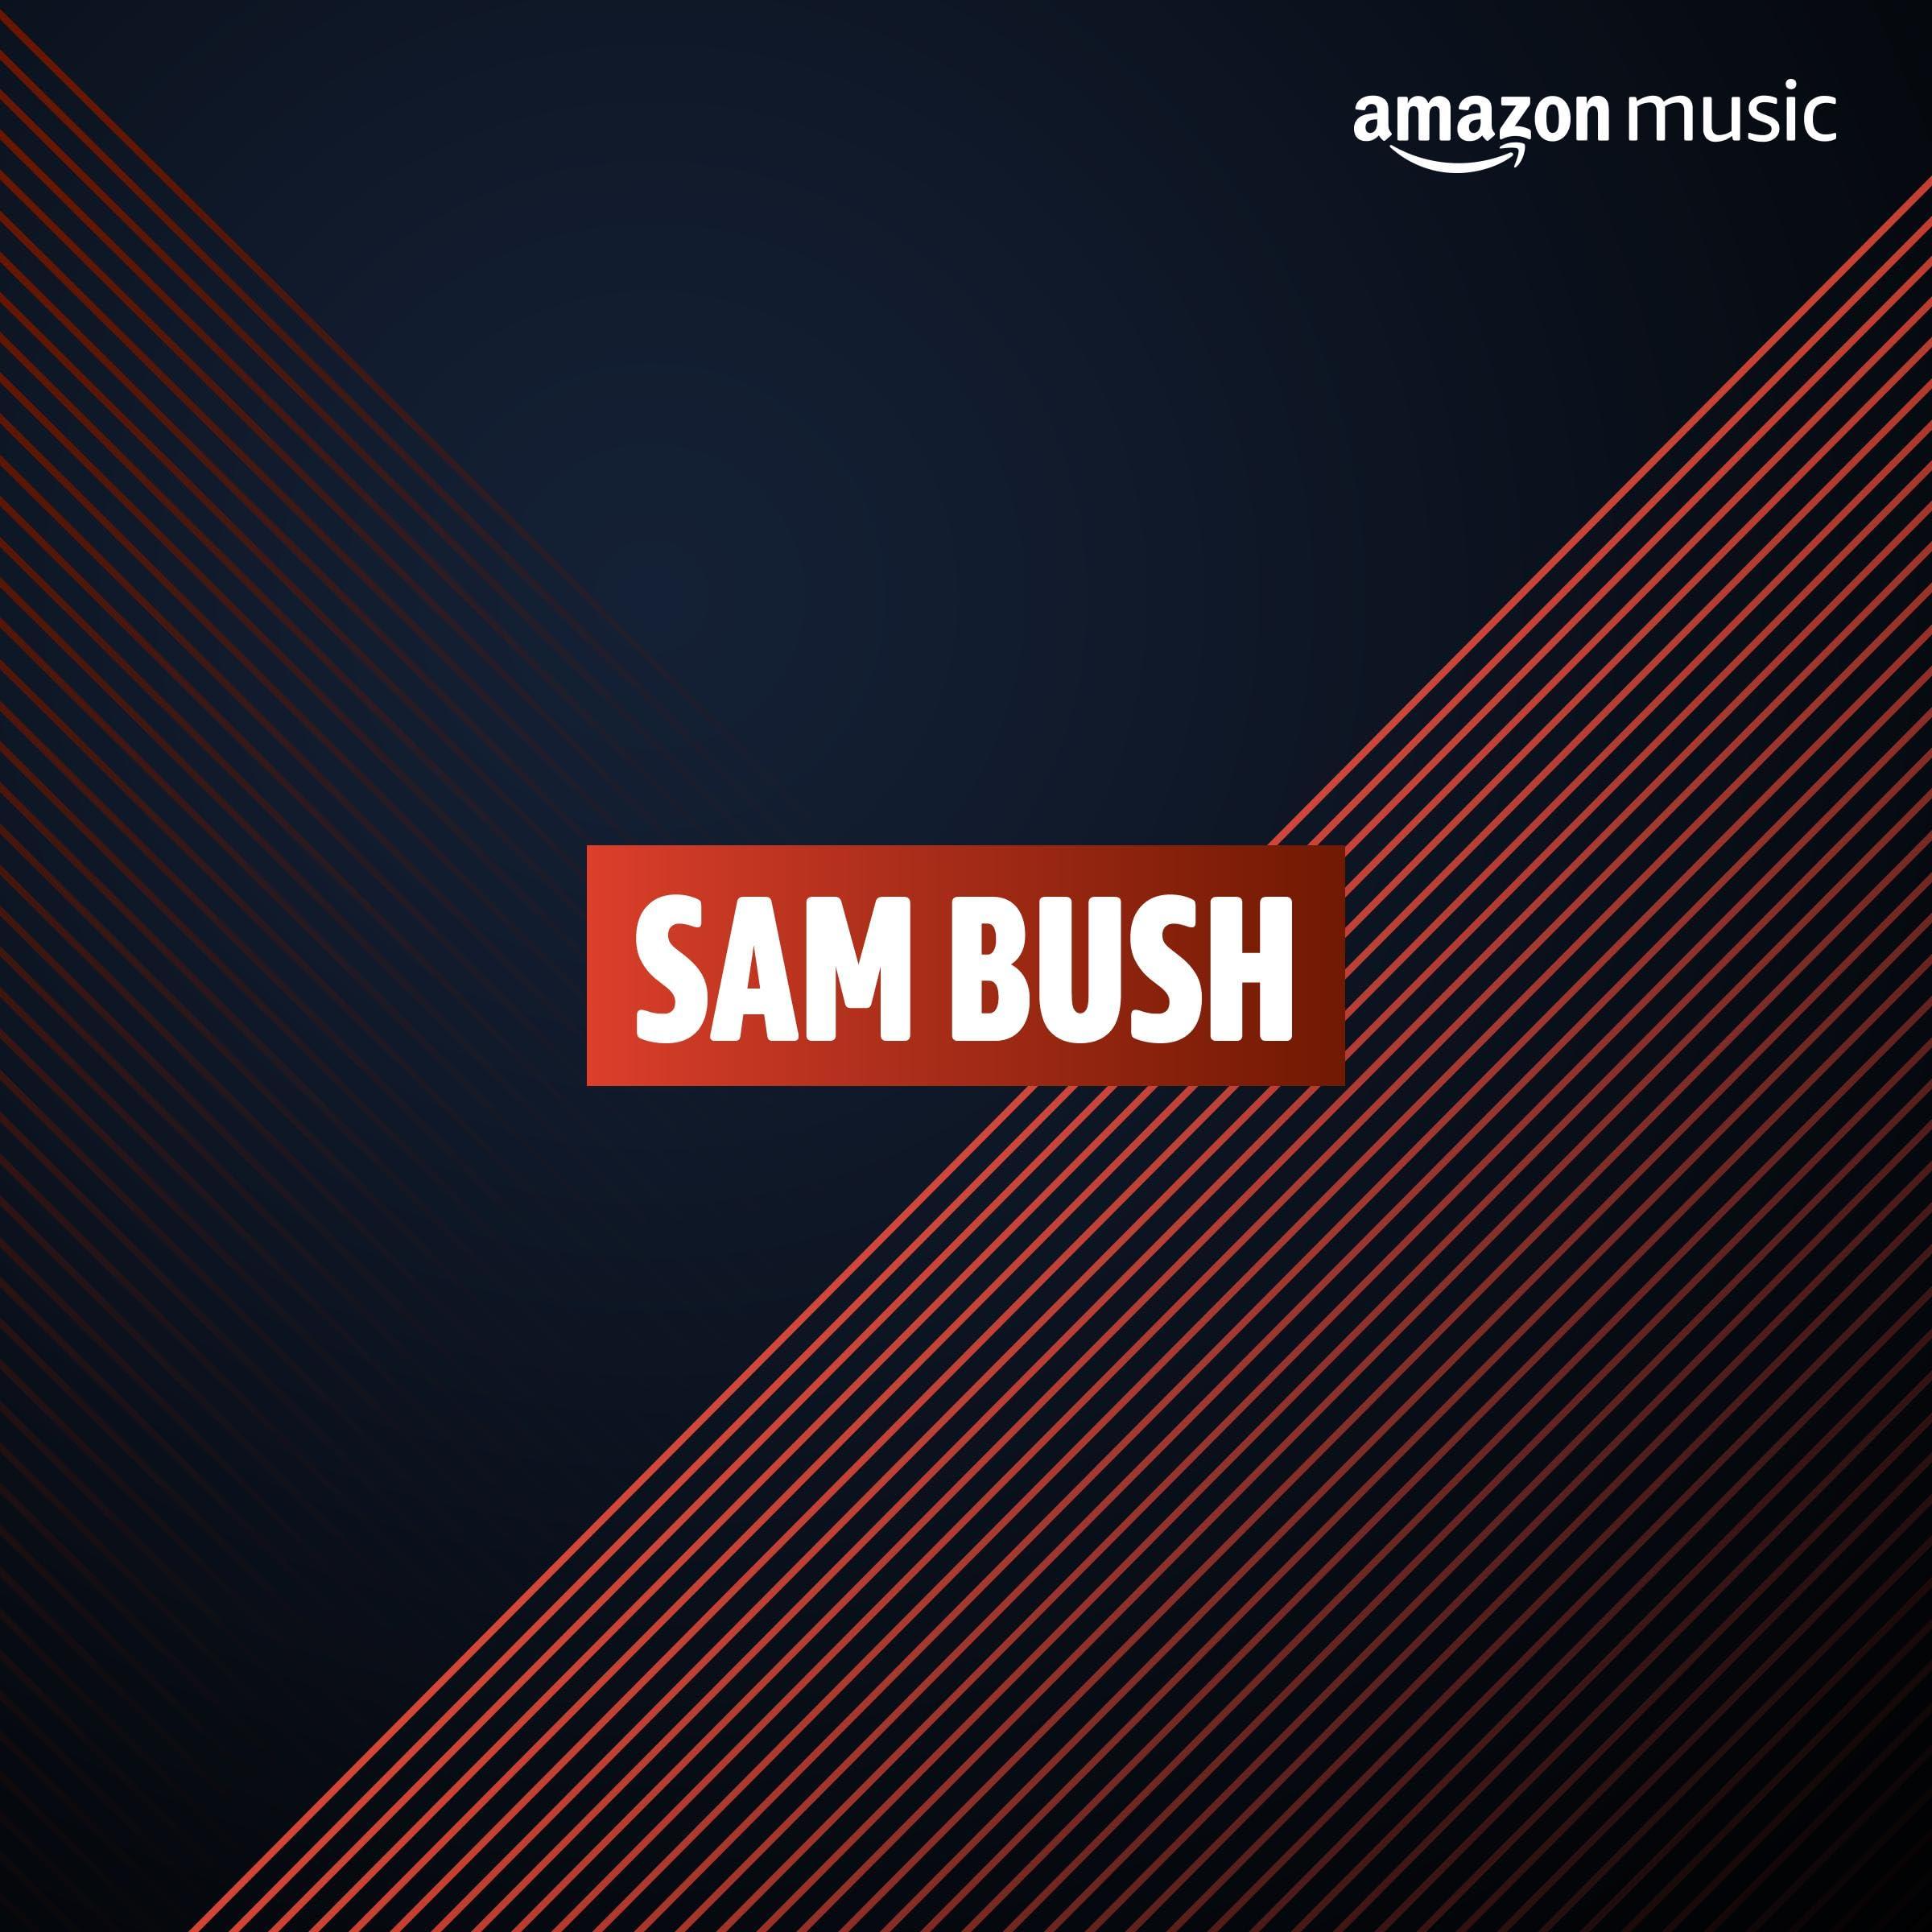 Sam Bush